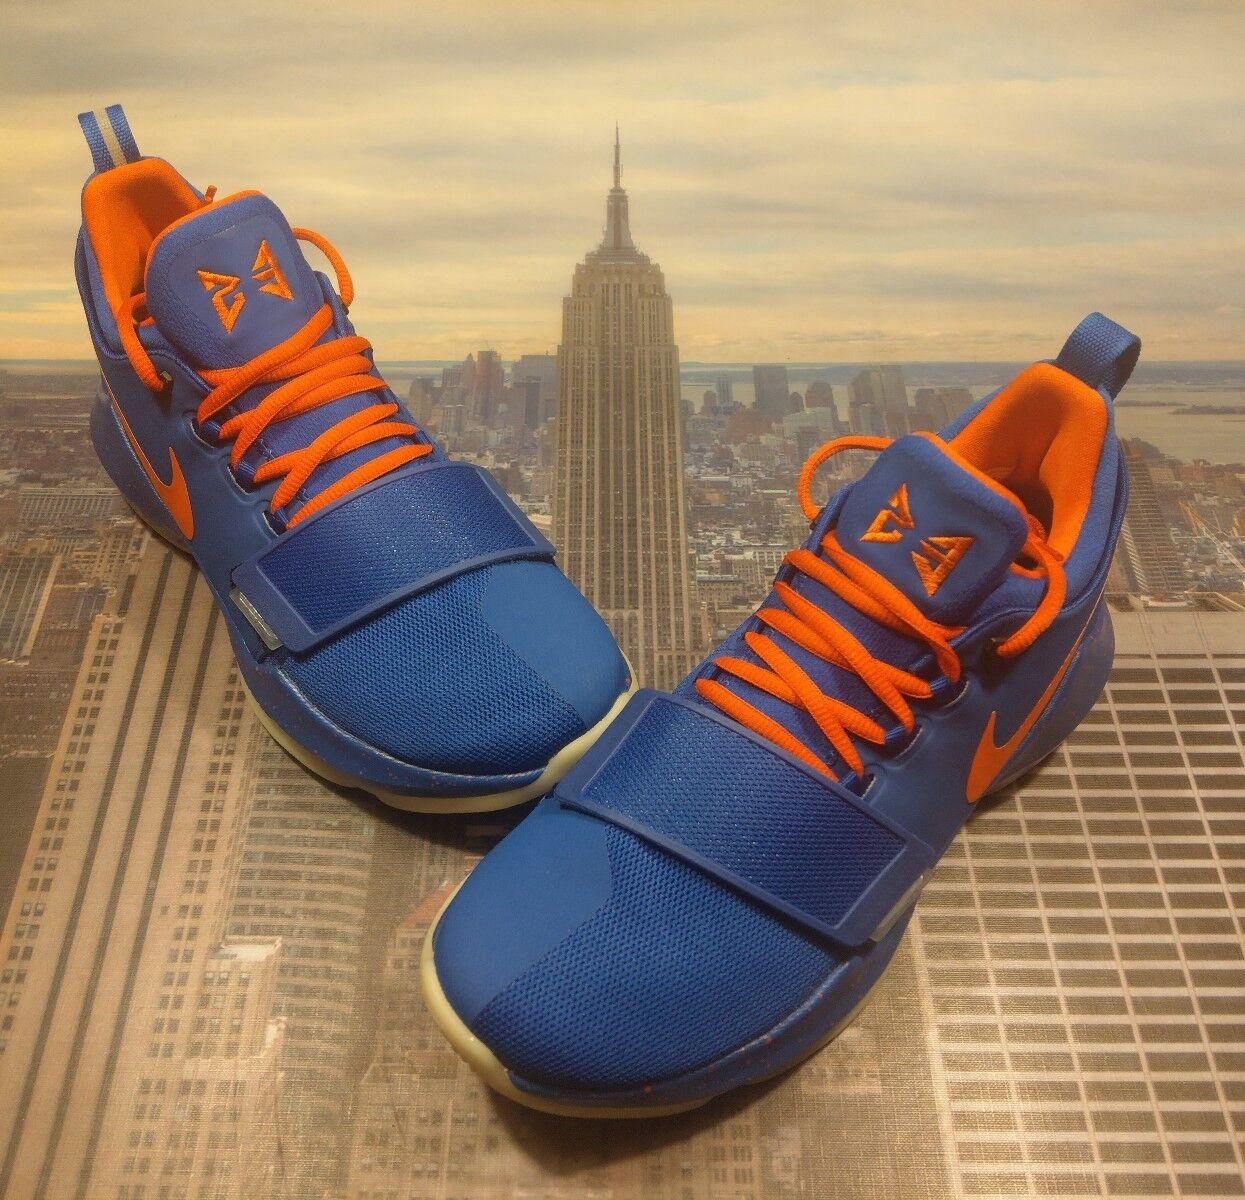 Nike iD PG 1 Paul George 1 Blue/Orange-Glow In The Dark Size 8 AQ2790 992 New